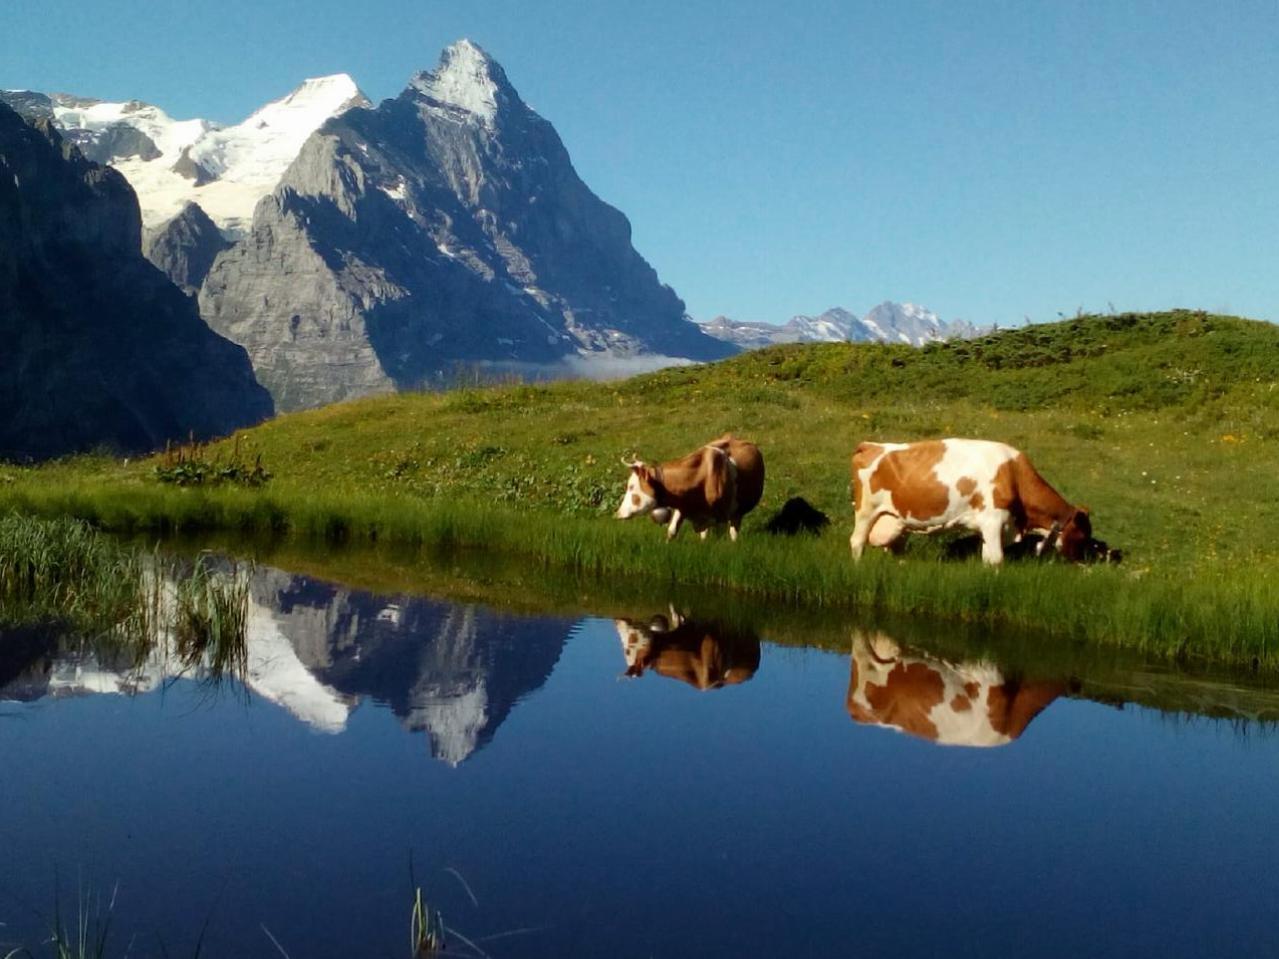 Ferienhaus Bühlen (2331113), Grindelwald, Jungfrauregion, Berner Oberland, Schweiz, Bild 23